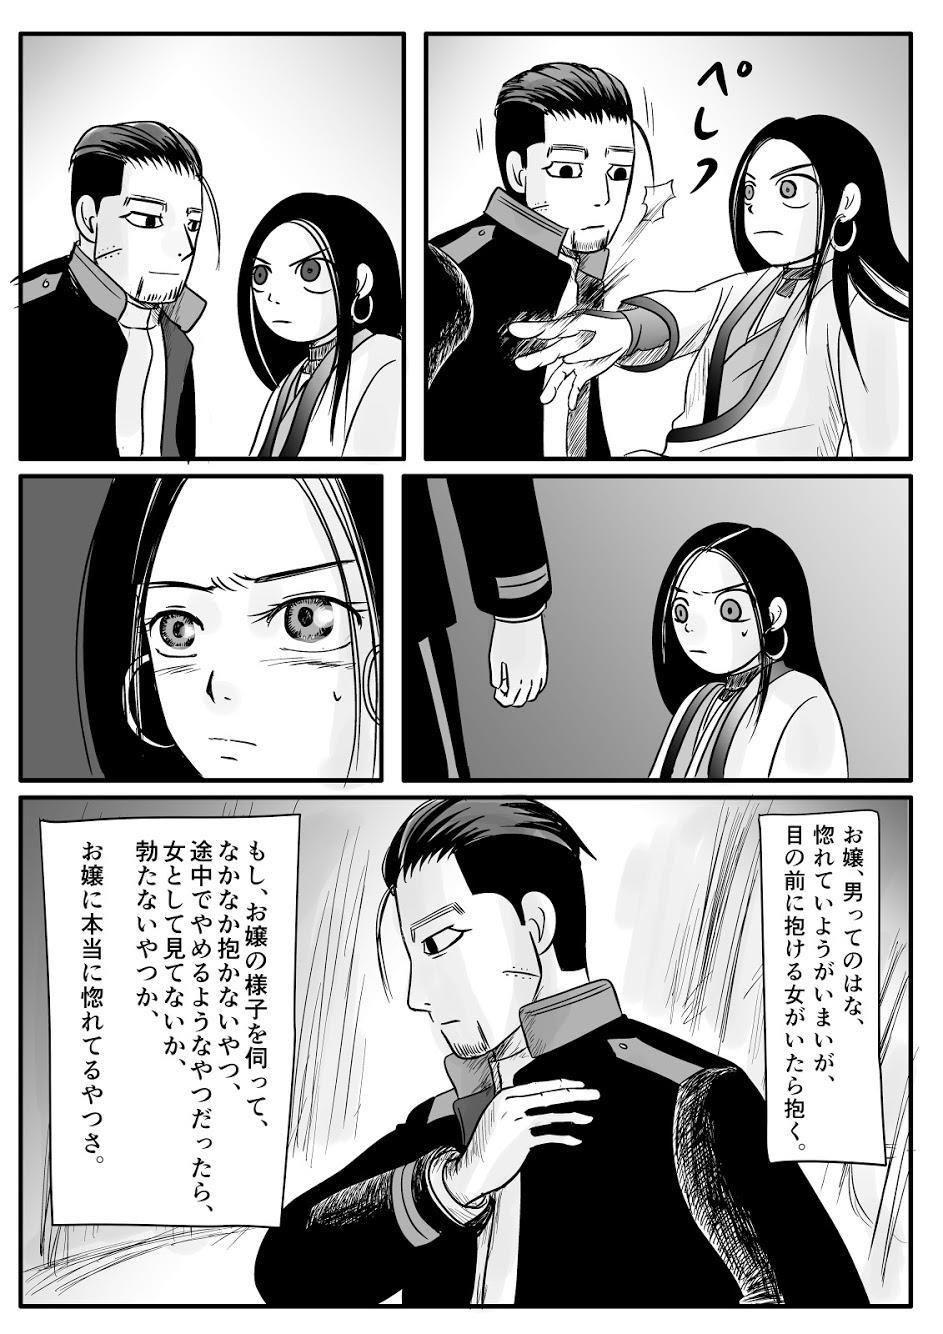 Toko no Koto 53